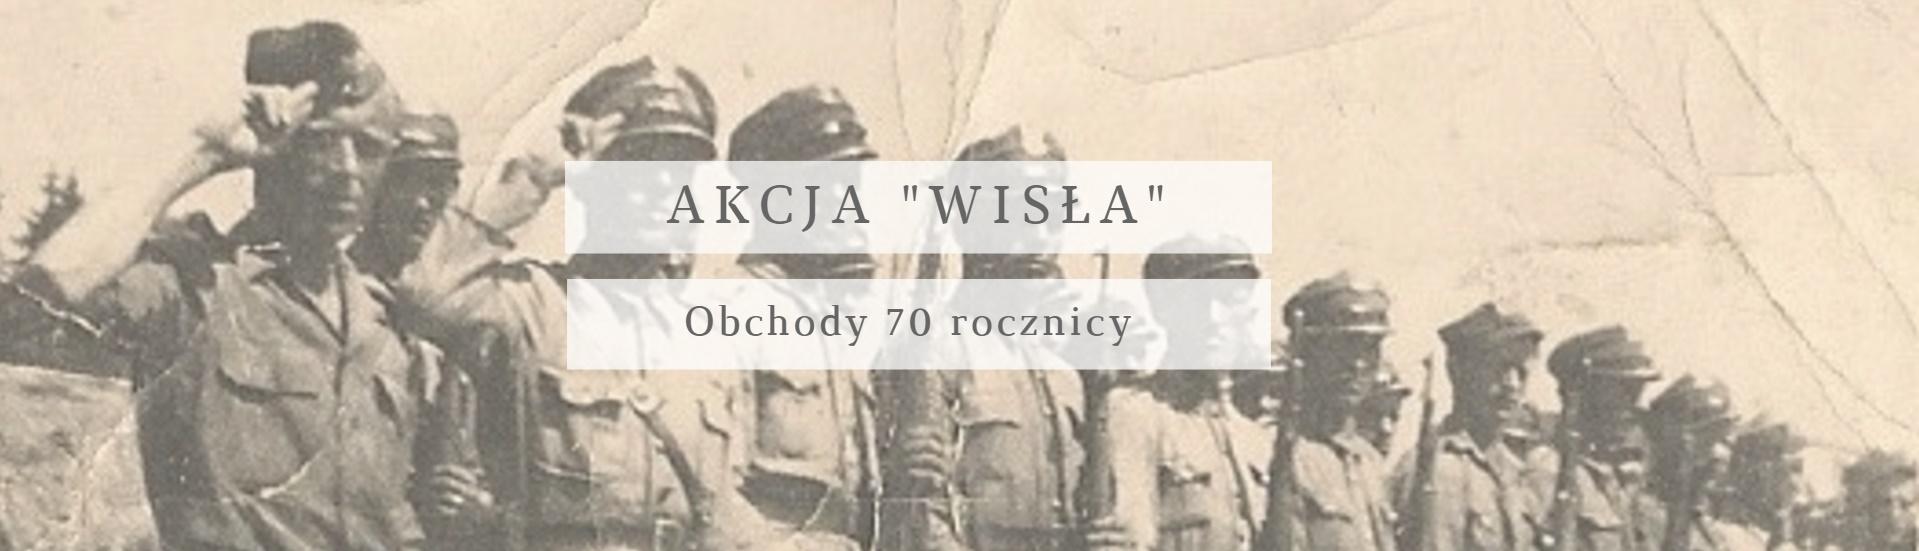 """Obchody 70 rocznicy akcji """"Wisła"""""""